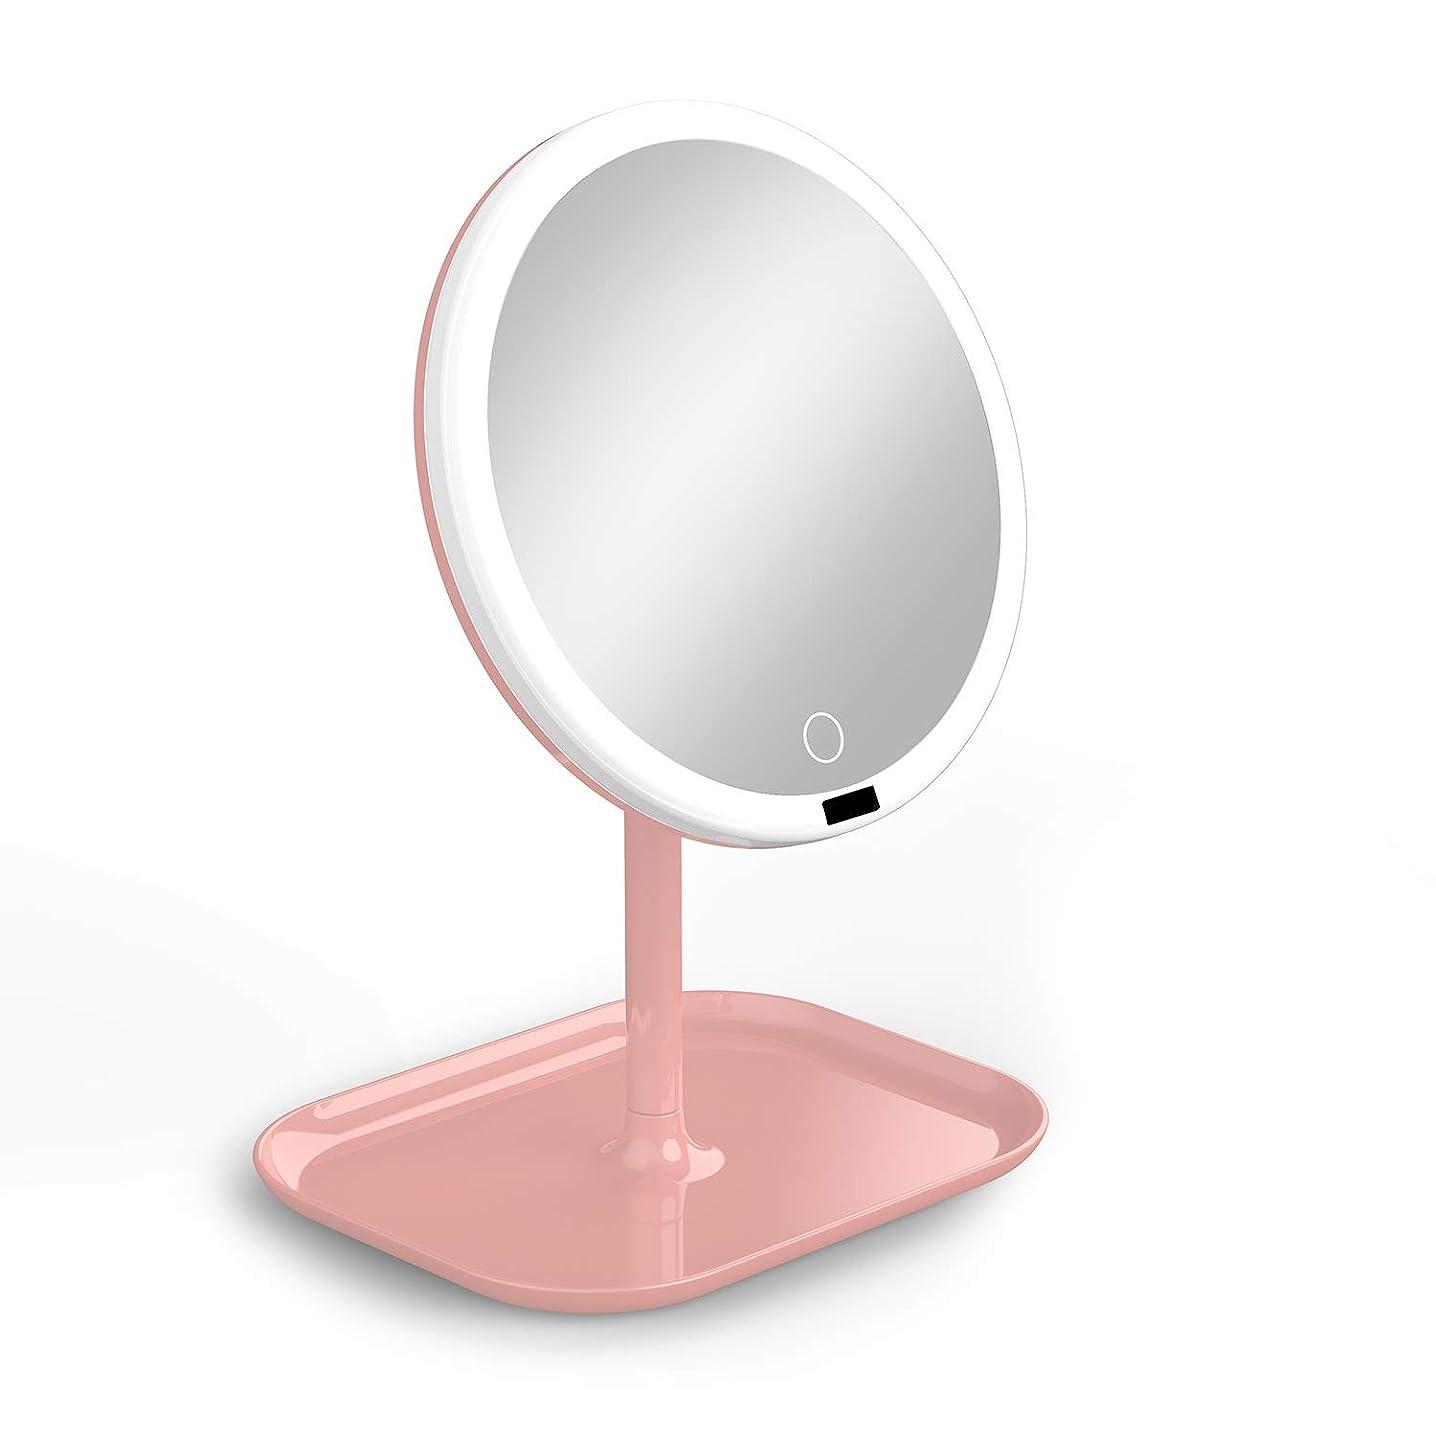 トレード手段わかるLa Farah 化粧鏡 化粧ミラー LEDライト付き 卓上鏡 女優ミラー 3段階明るさ調節可能 180度回転 コードレス 充電式 円型